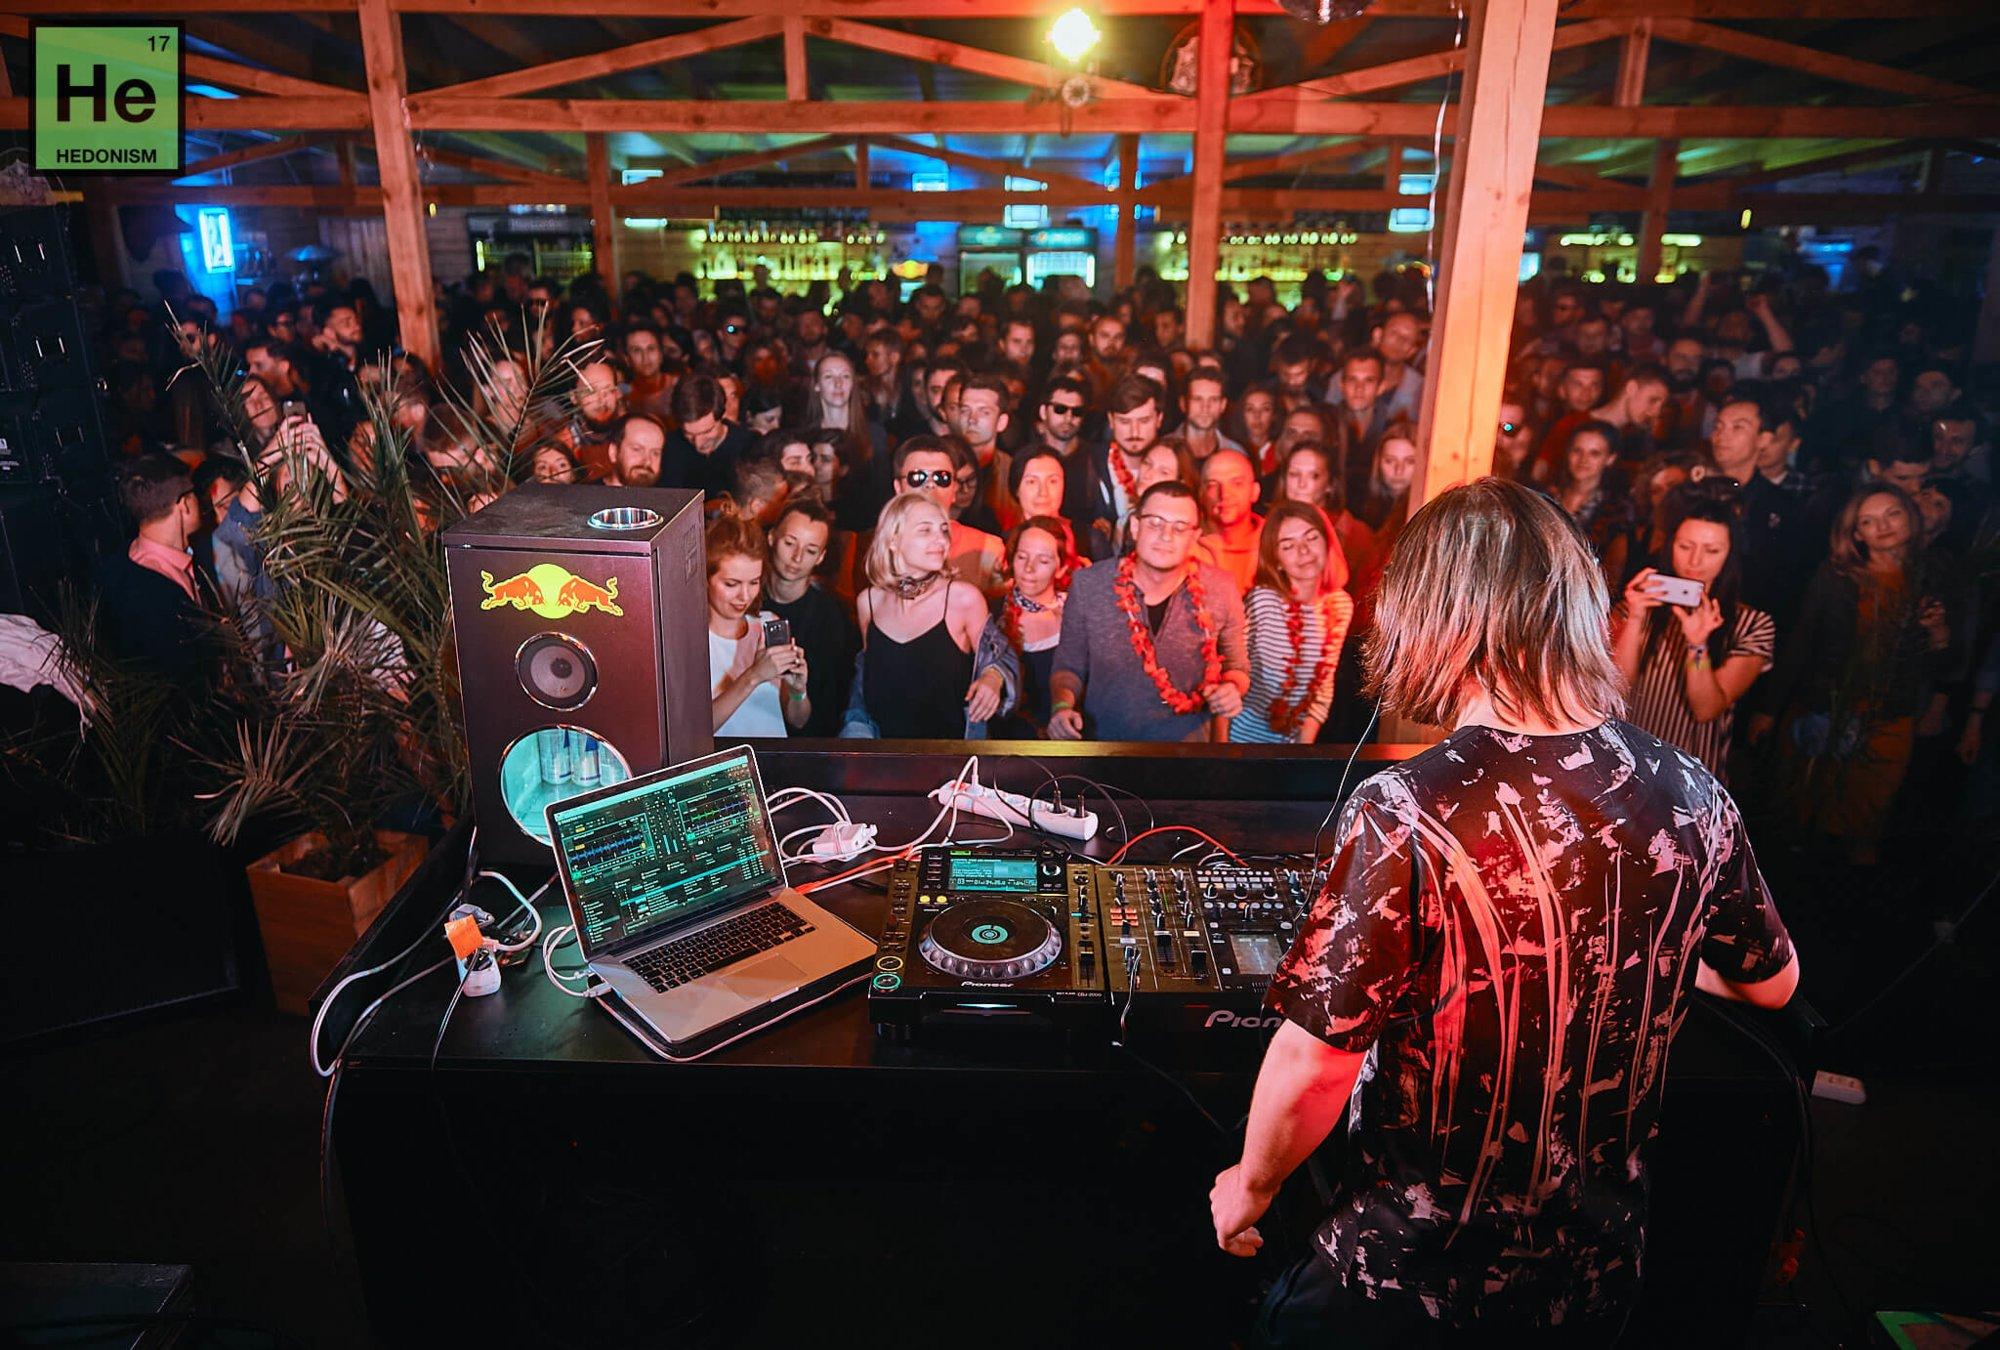 Nathan Fake, Христина Соловій, [О]: Hedonism Festival 2018 оголосив фінальний лайнап